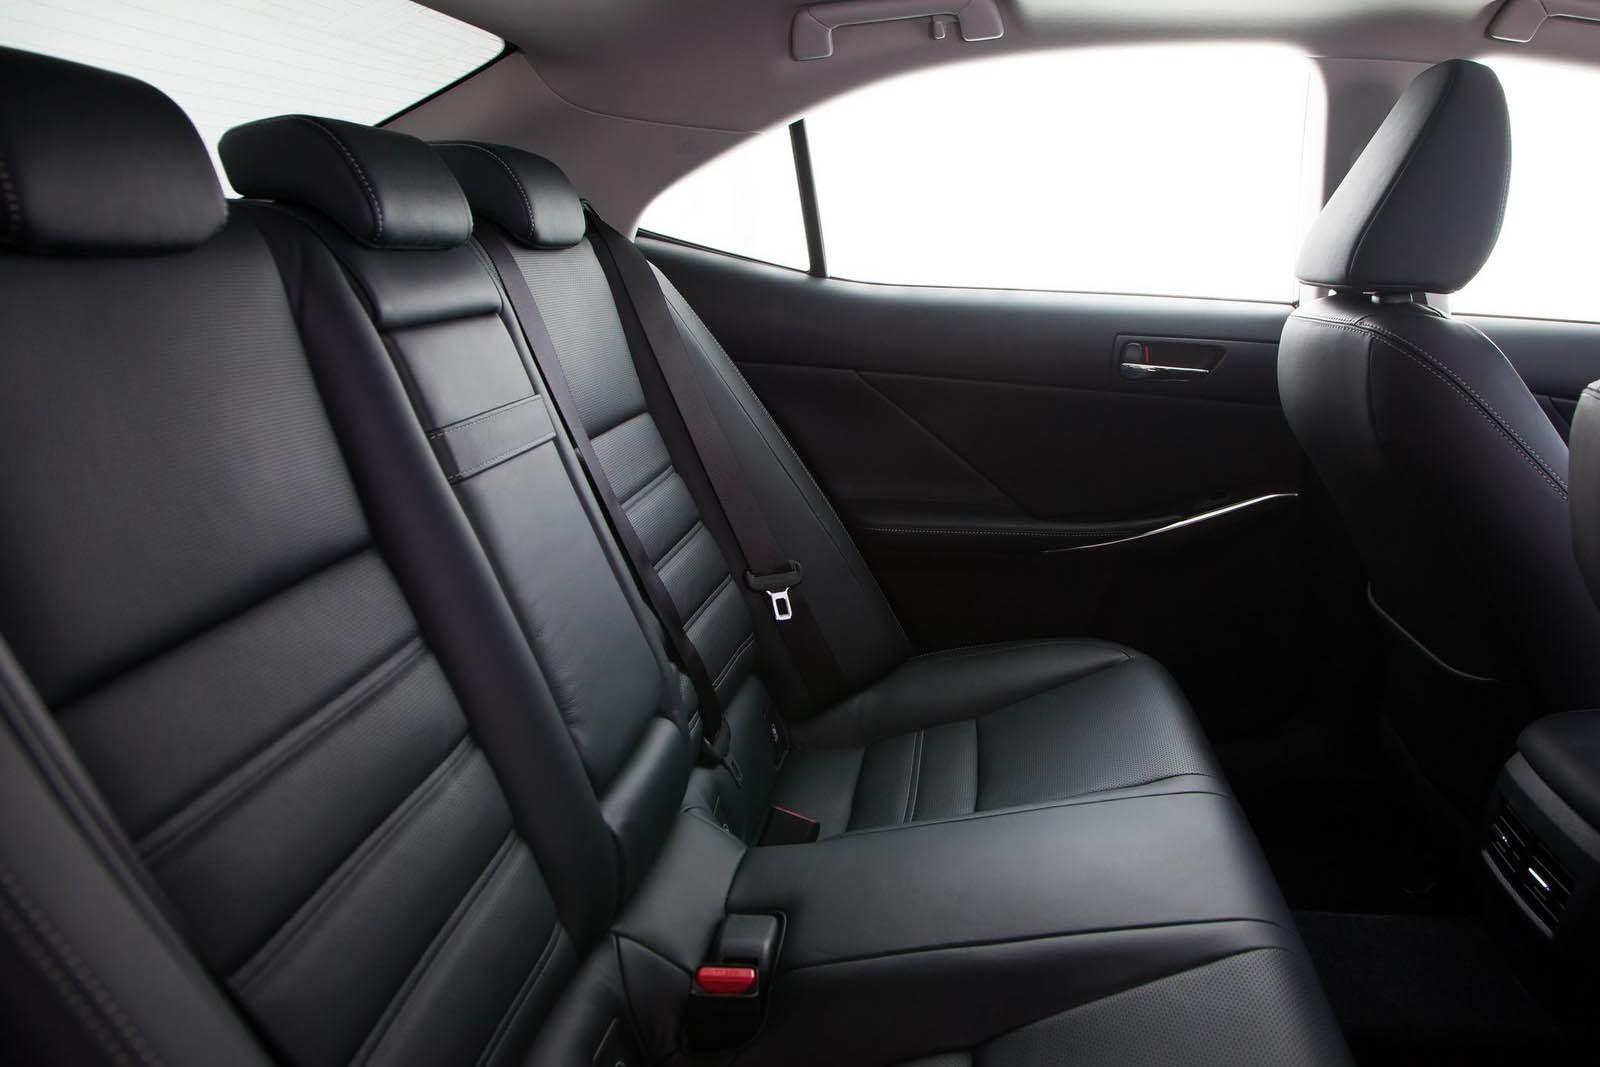 Машина хорошая, но моторов не подвезли: стоит ли покупать Lexus IS III за 2 миллиона рублей